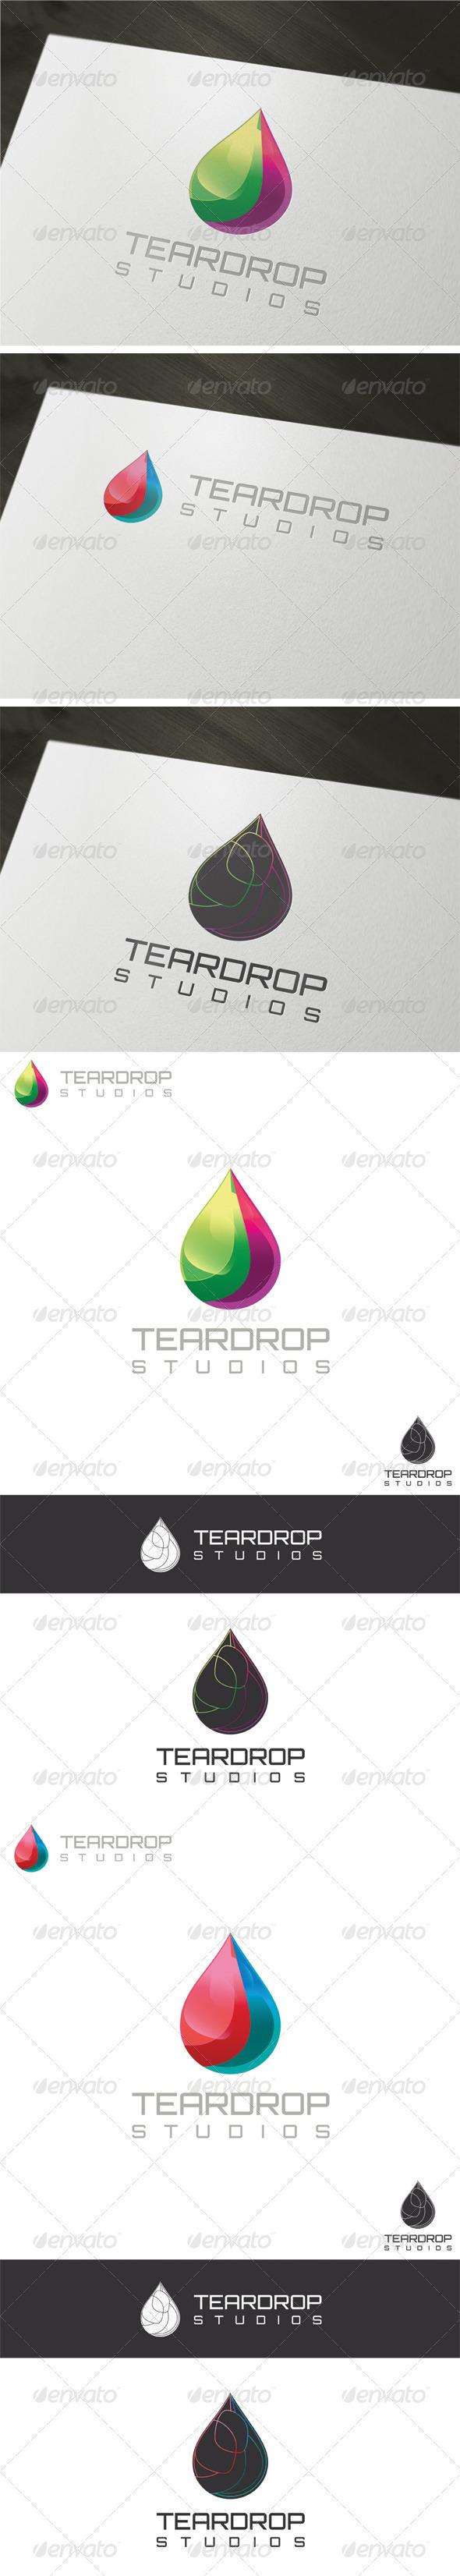 GraphicRiver 3D Teardrop Logo Template 1944325